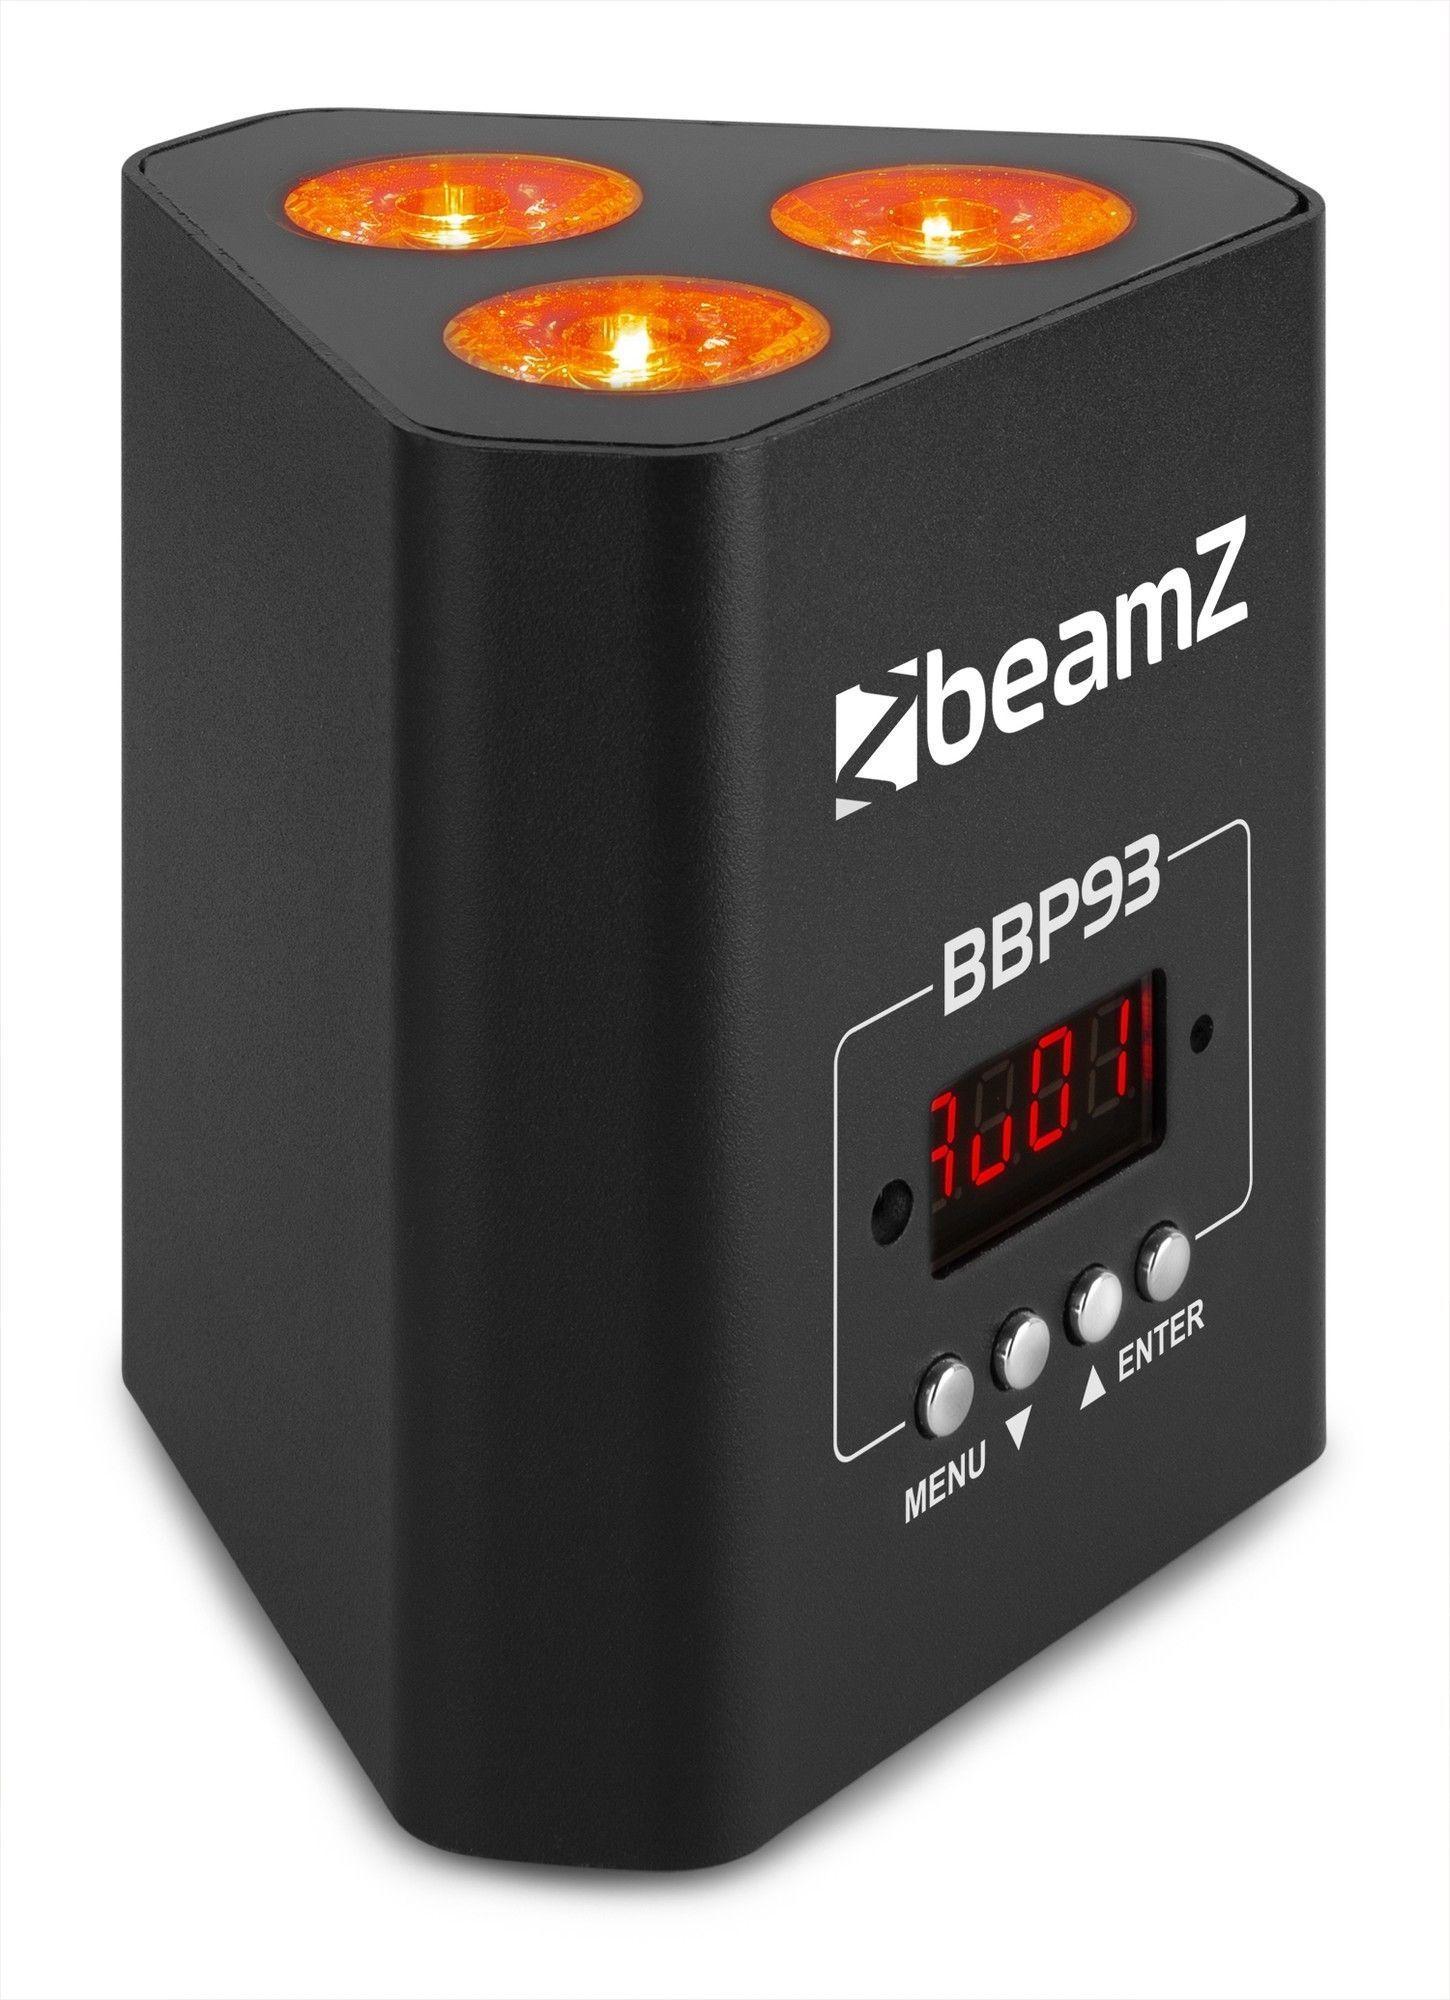 Afbeelding van BeamZ BBP93 Battery Uplight Par 3x 10W...